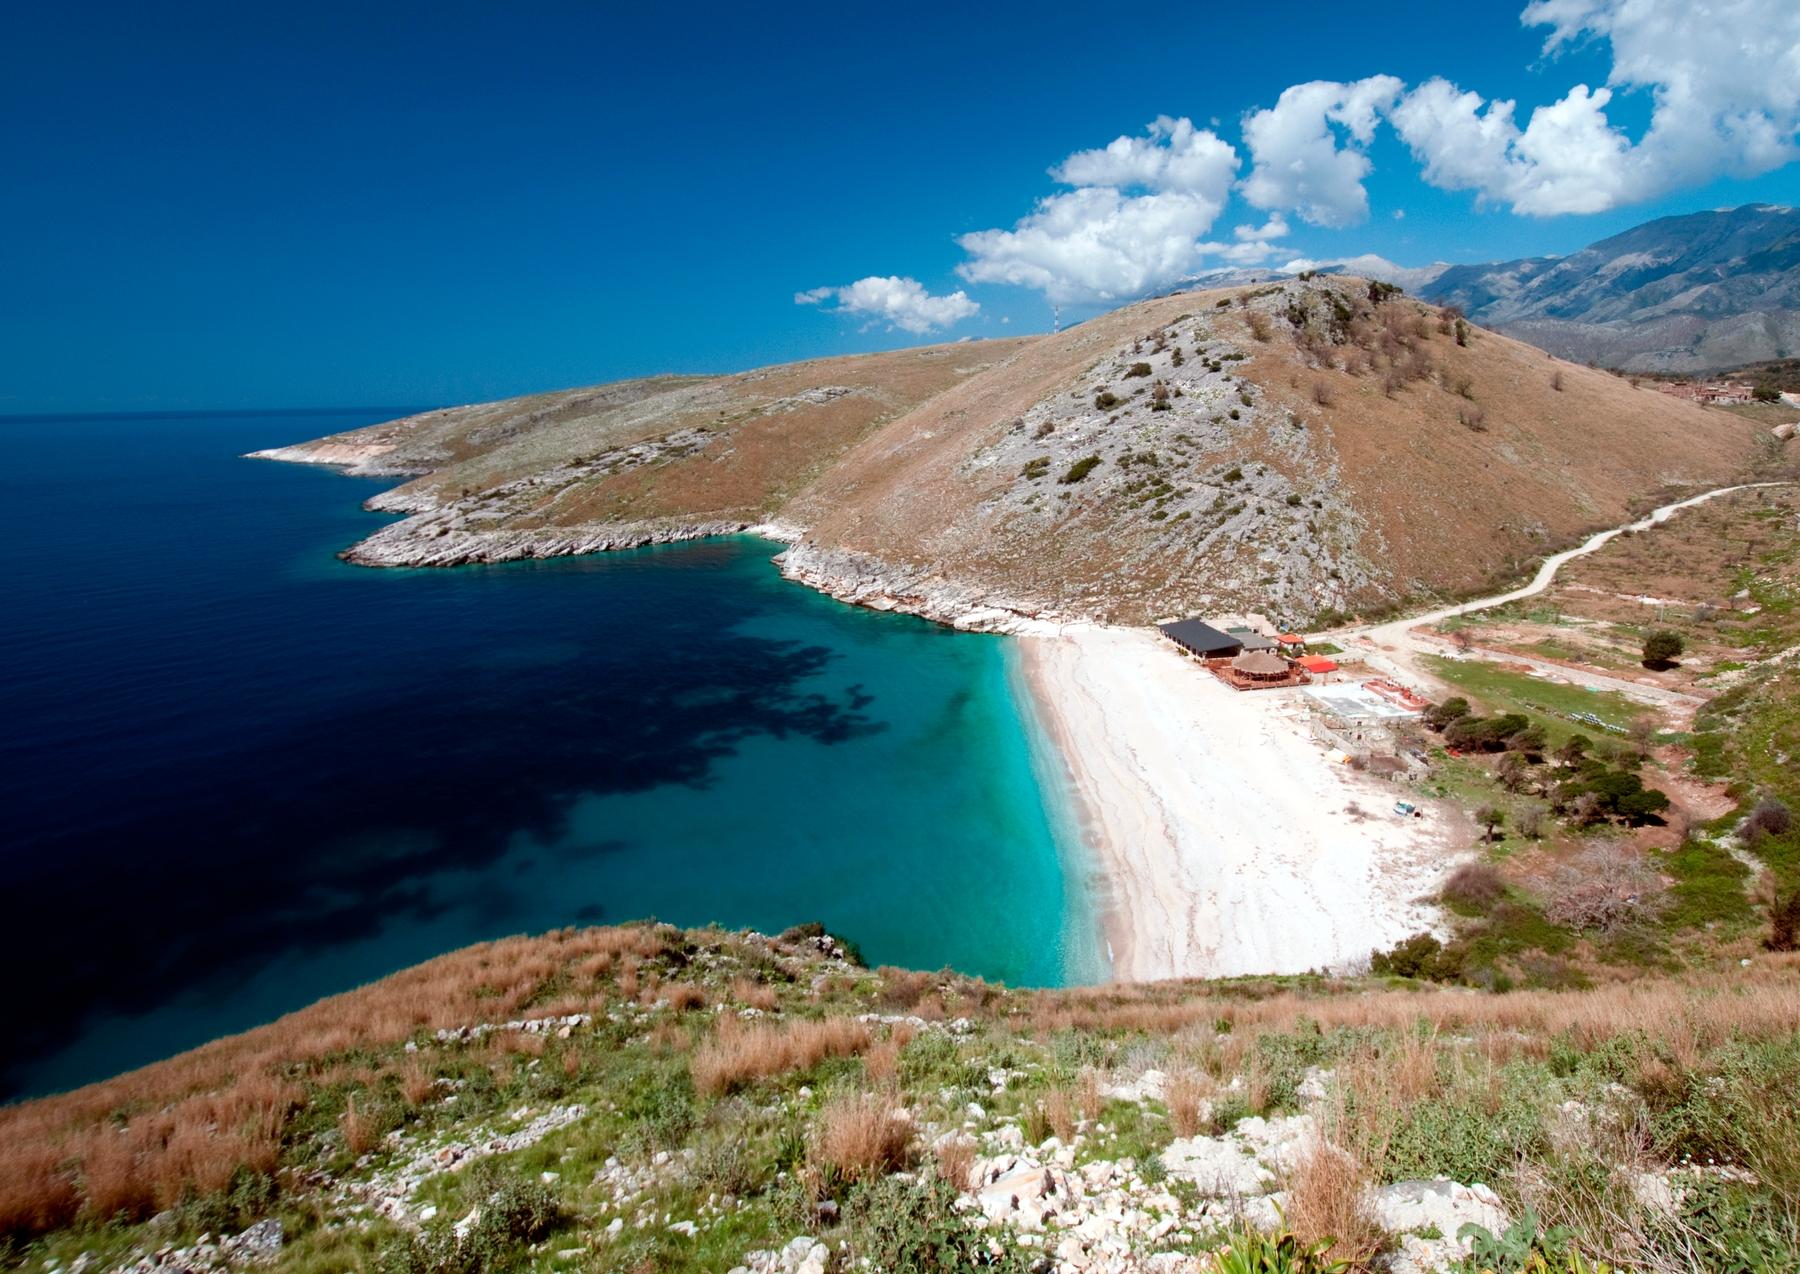 Билеты в Албанию: необычные идеи, куда поехать летом на море